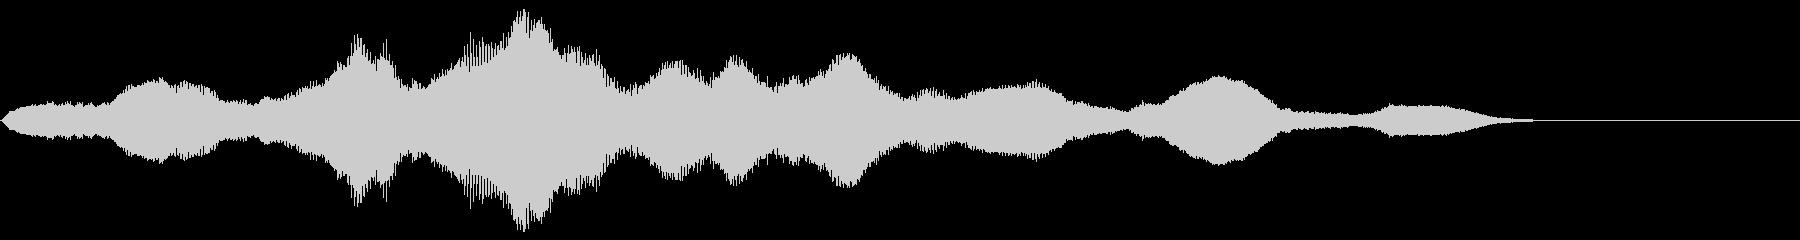 エイリアンコード4サステインアセン...の未再生の波形